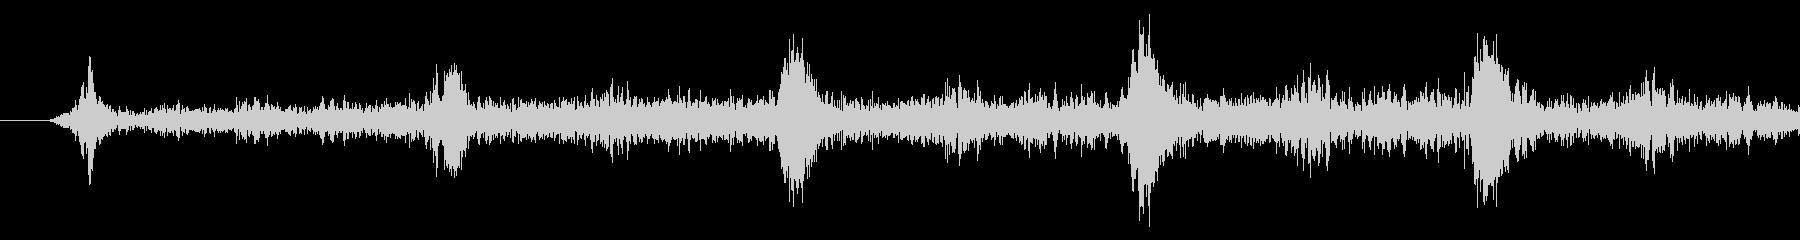 メニュー画面音(ウインドウ,決定等)07の未再生の波形